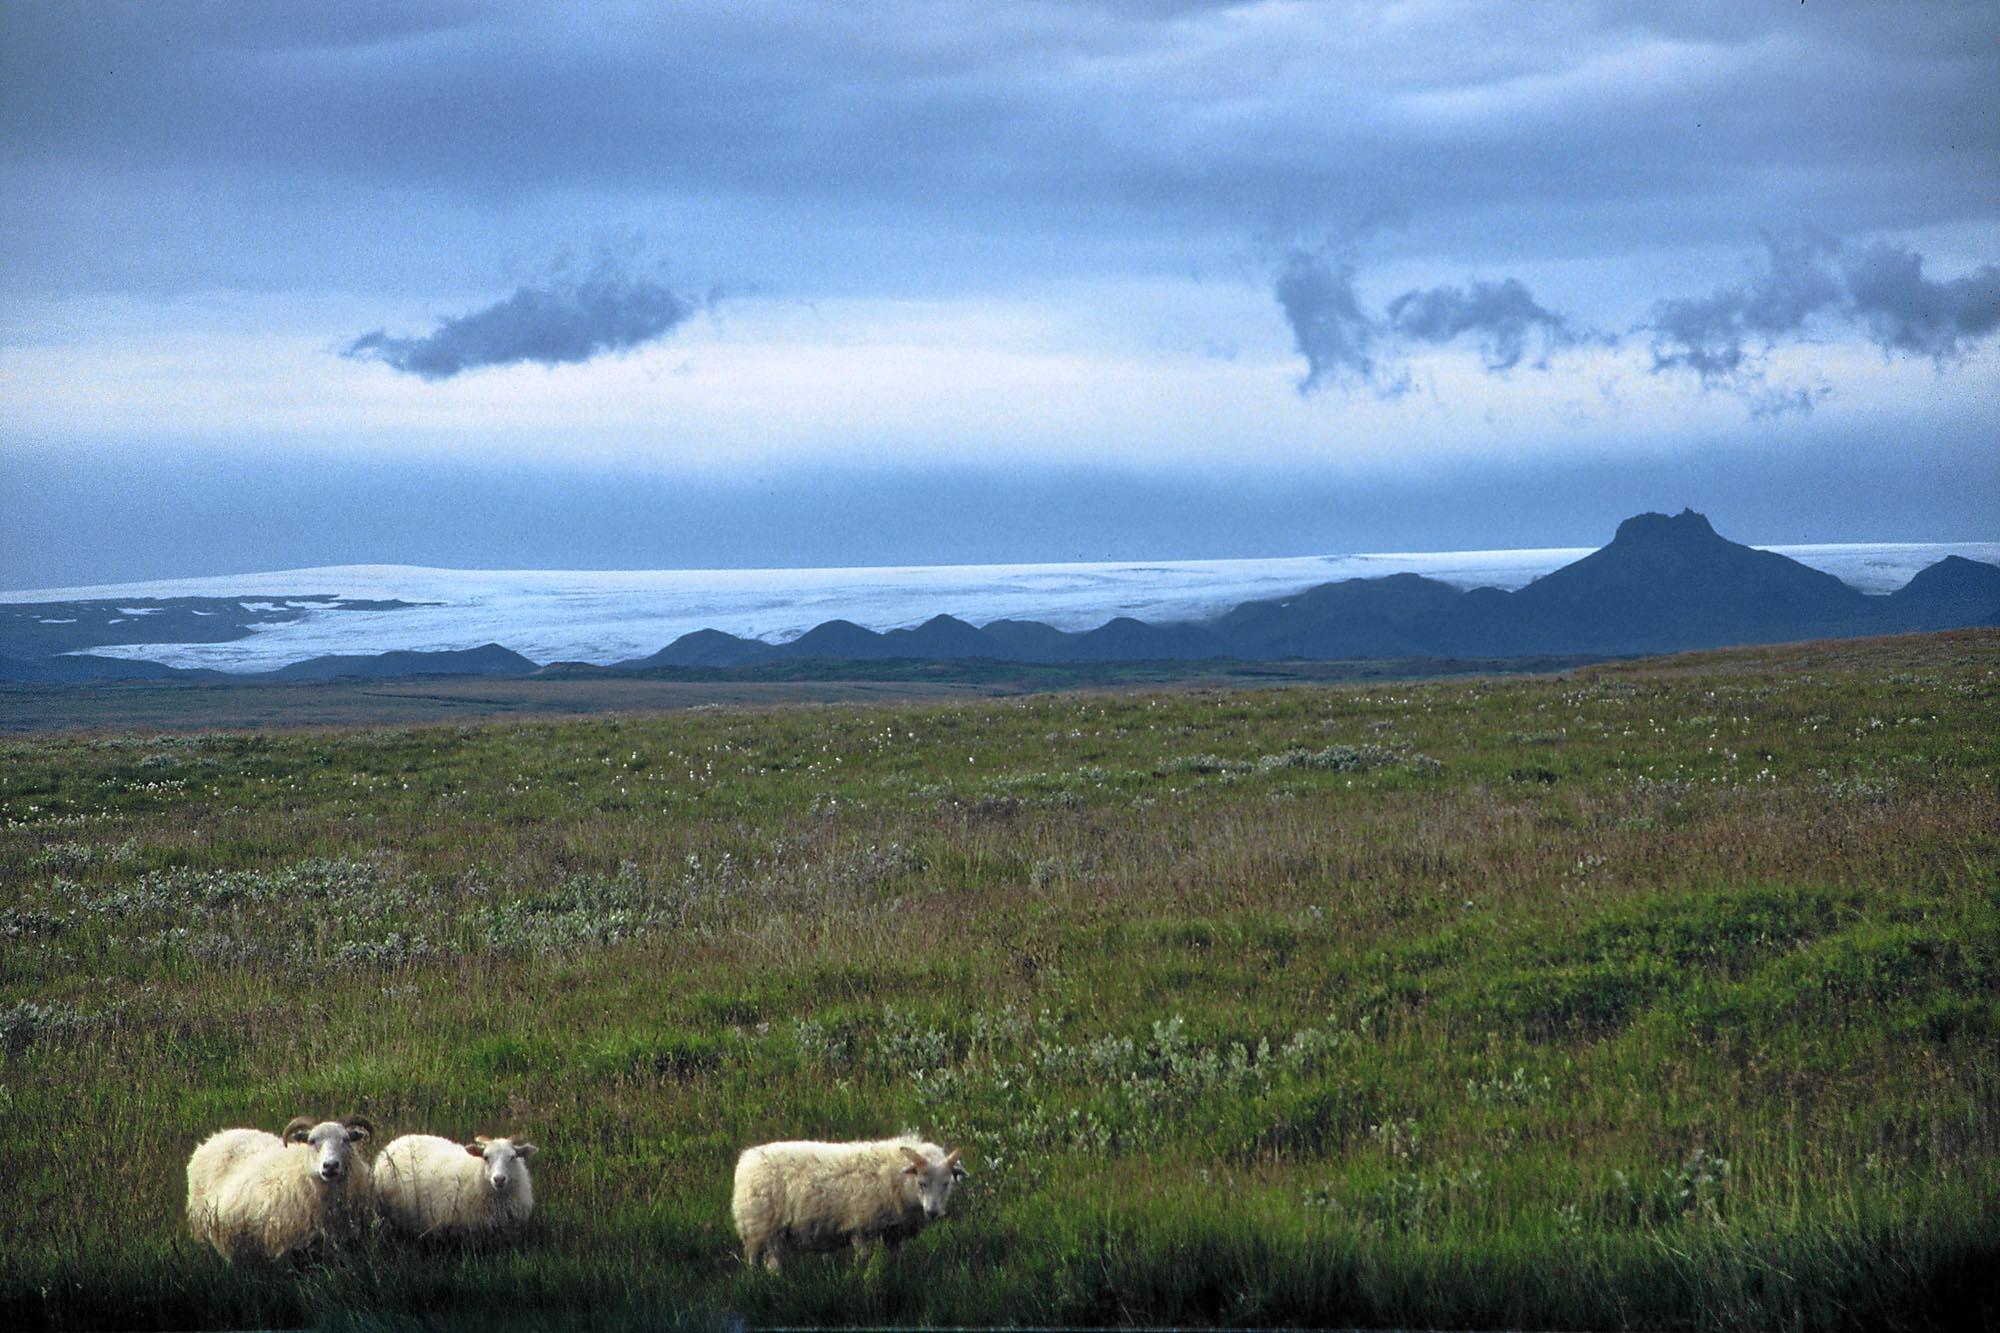 island-schafe-gletscher-small